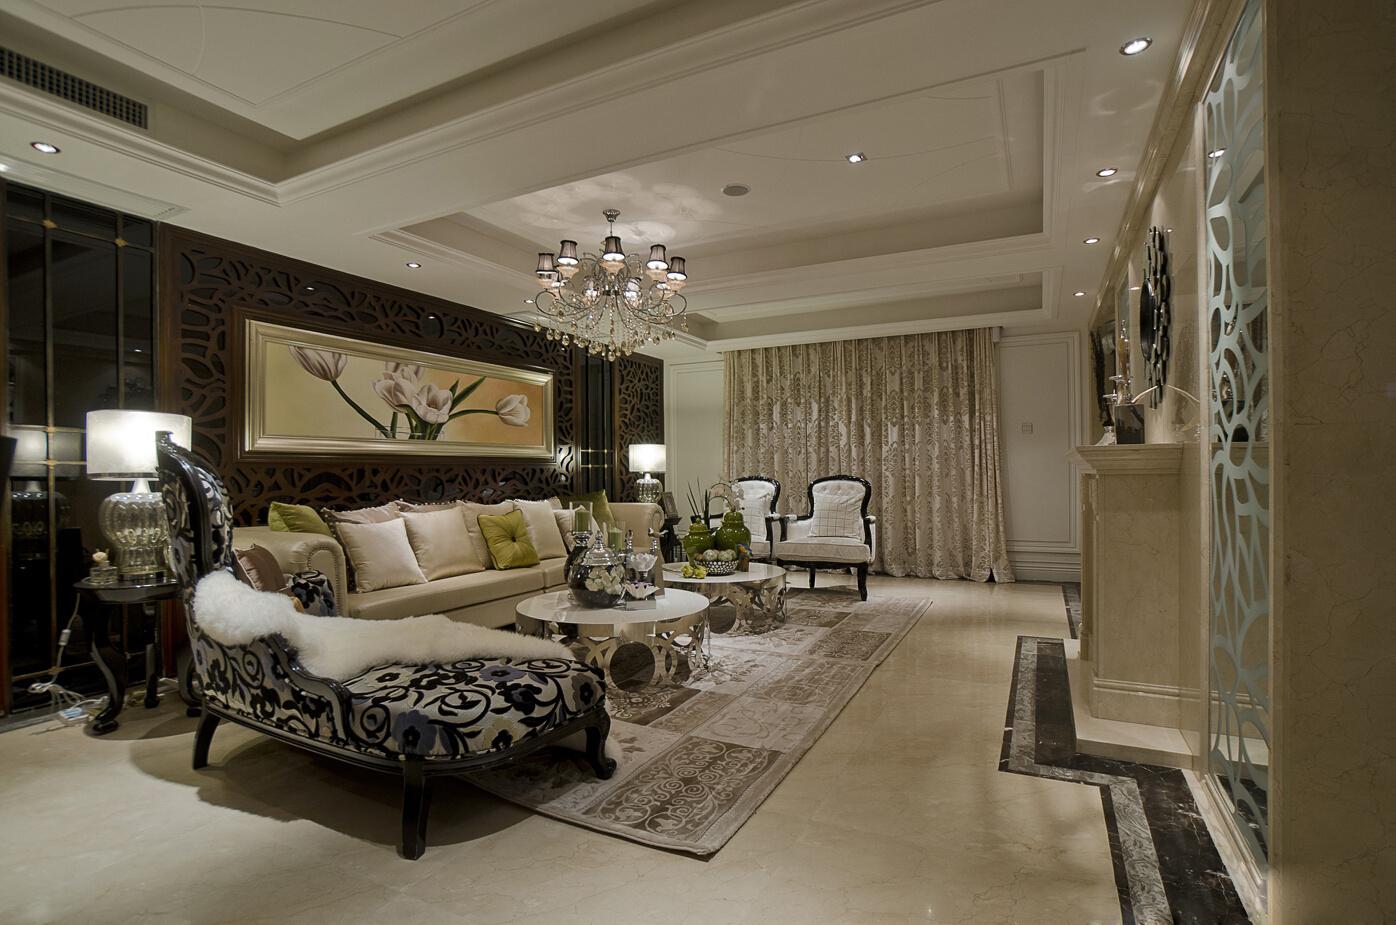 下面春亭设计装饰小编带大家一起欣赏一套 上实和墅欧式风格装修